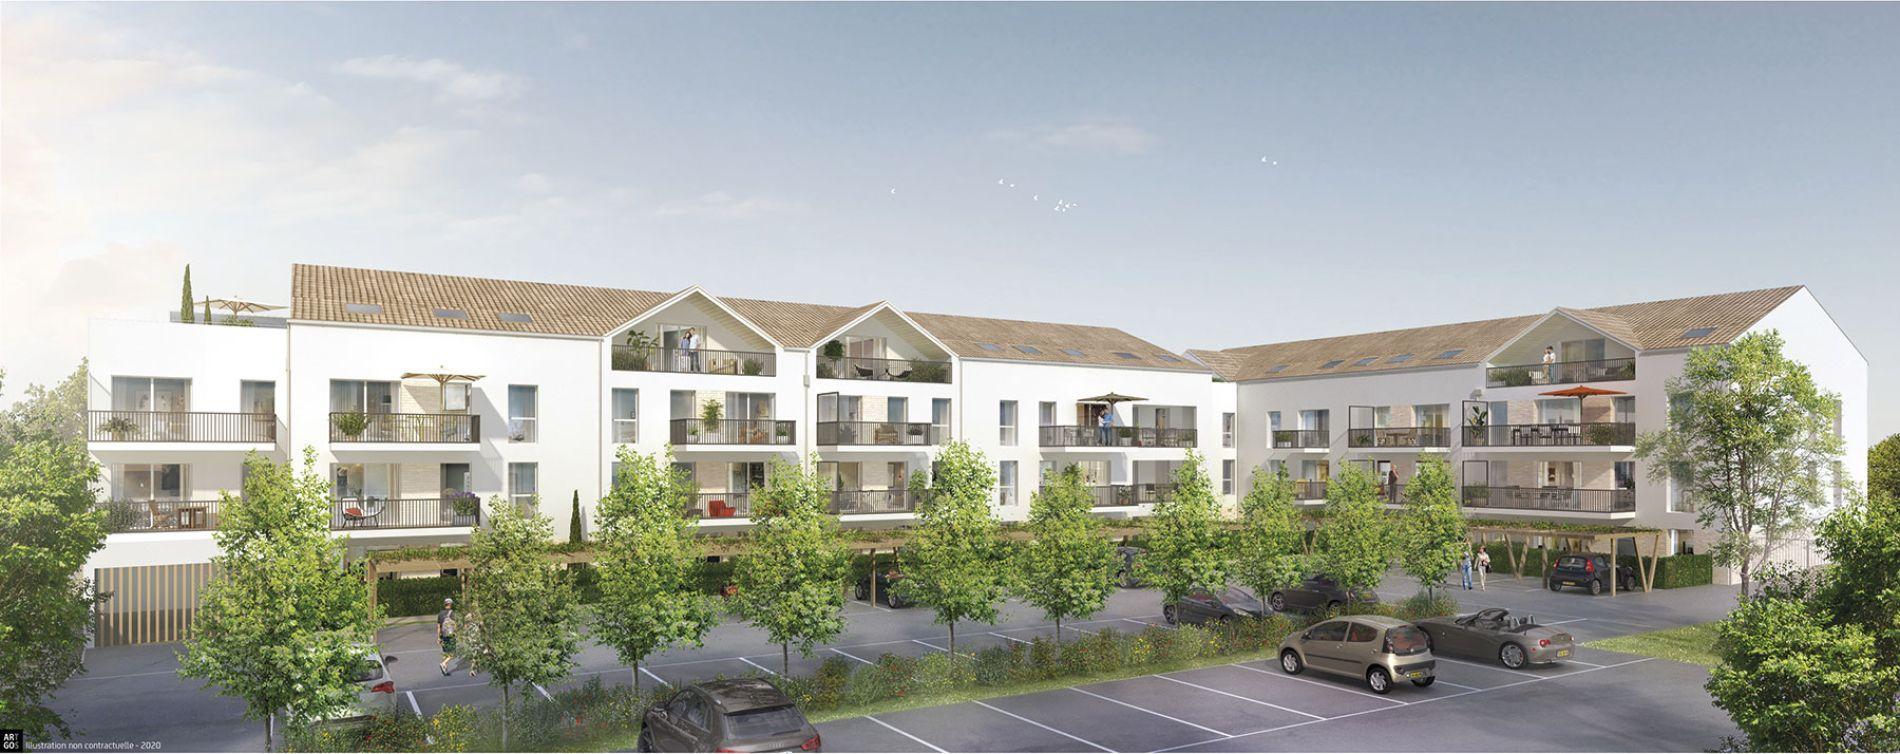 Saint-Jean-de-Monts : programme immobilier neuve « Luminéa » (2)